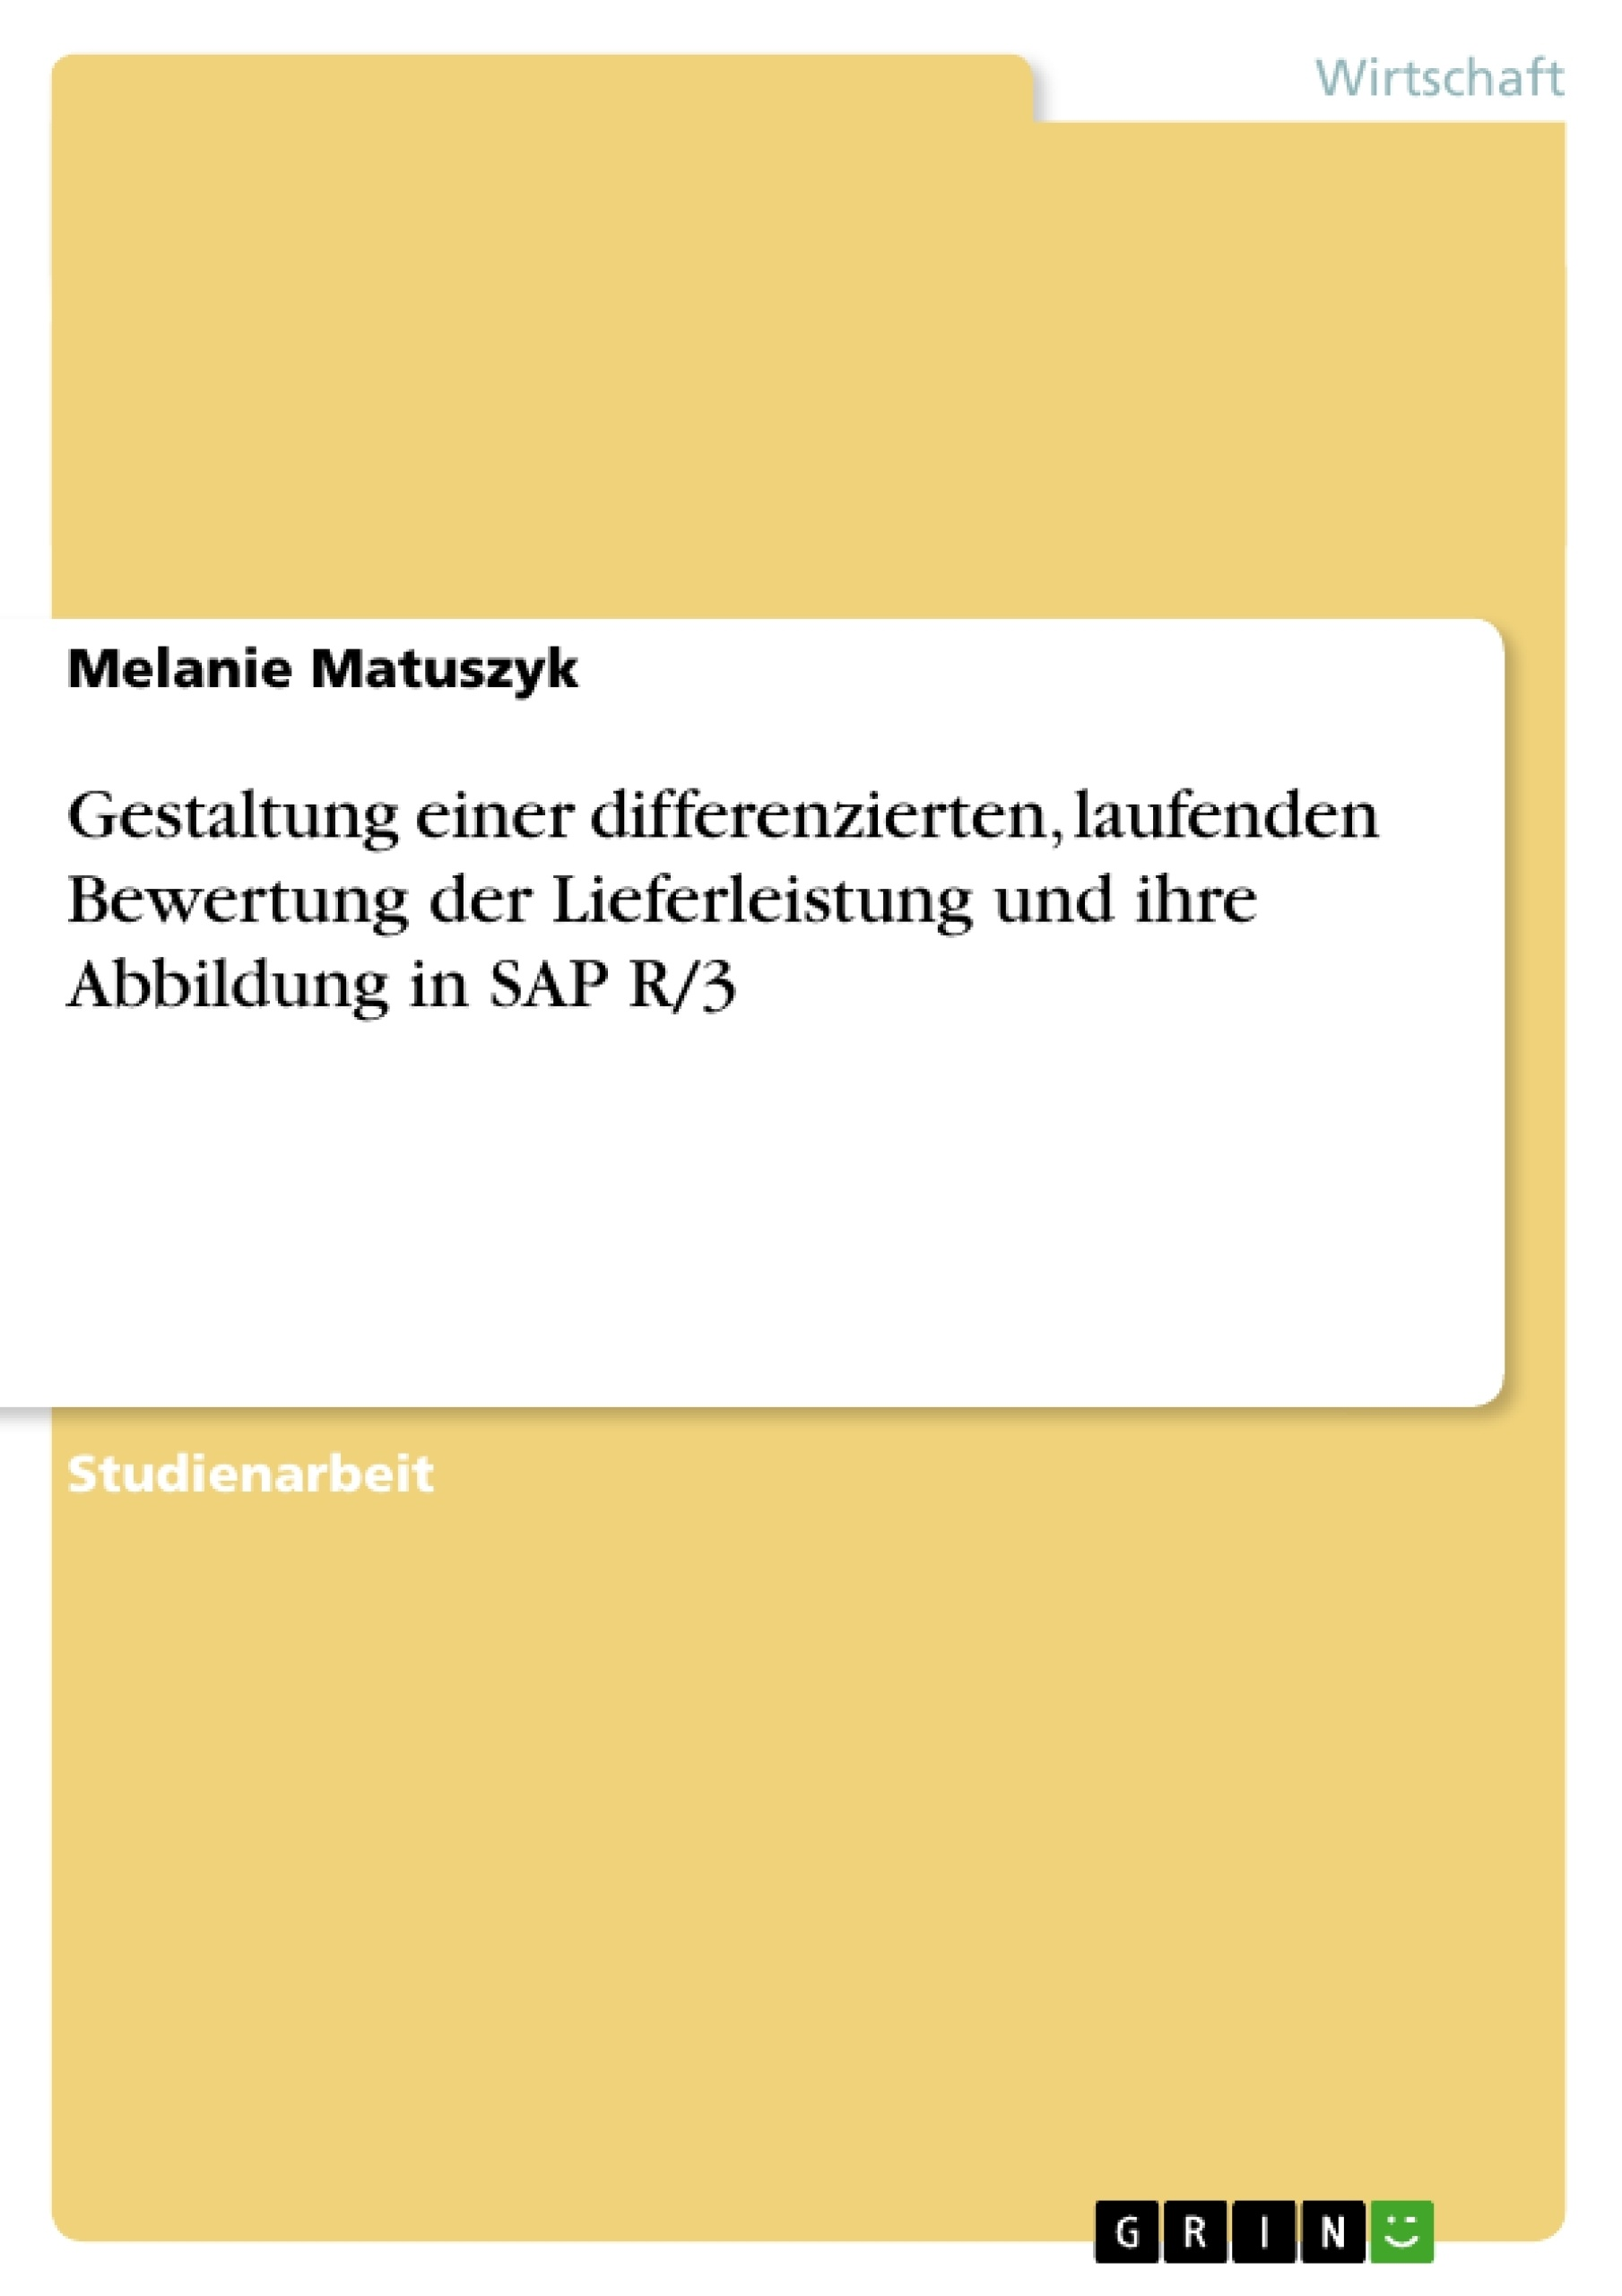 Titel: Gestaltung einer differenzierten, laufenden  Bewertung der Lieferleistung und ihre Abbildung in SAP R/3